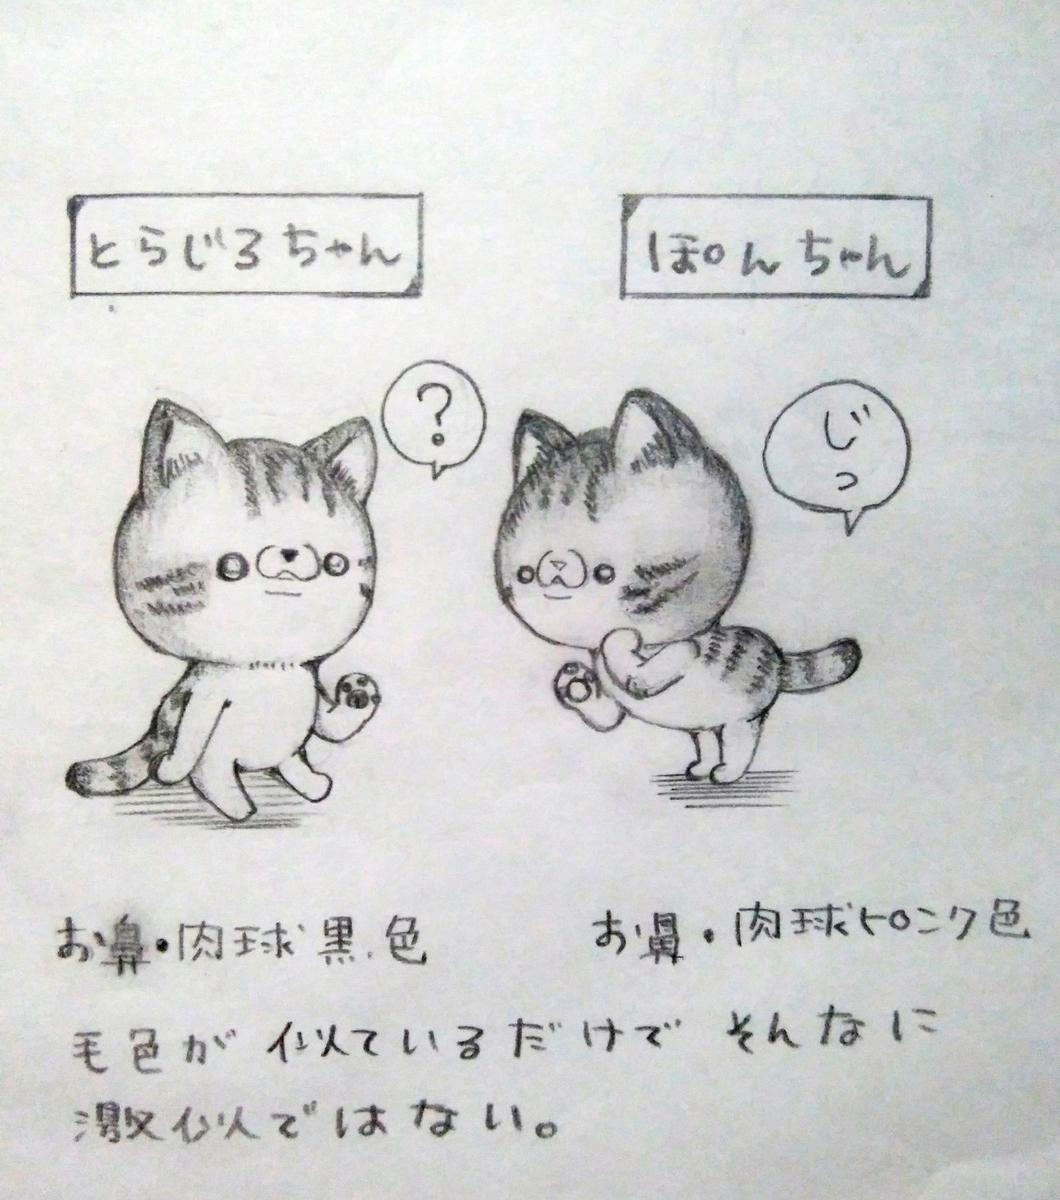 f:id:maricats:20201230202735j:plain